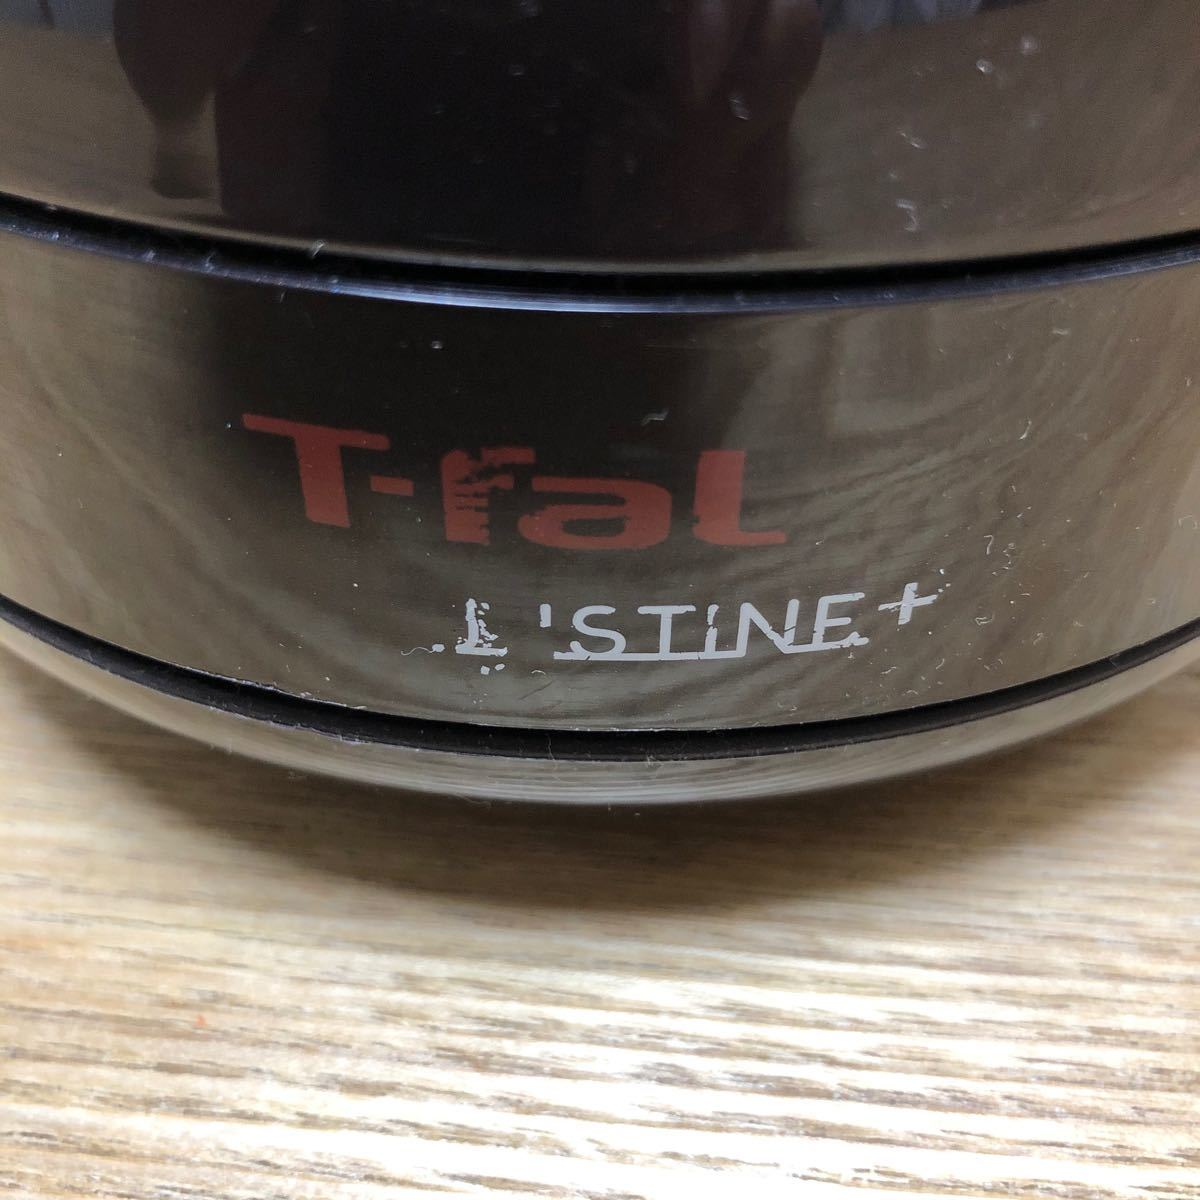 T-fal 電気ケトル 電気ポット ブラウン 1.2リットル 箱付き